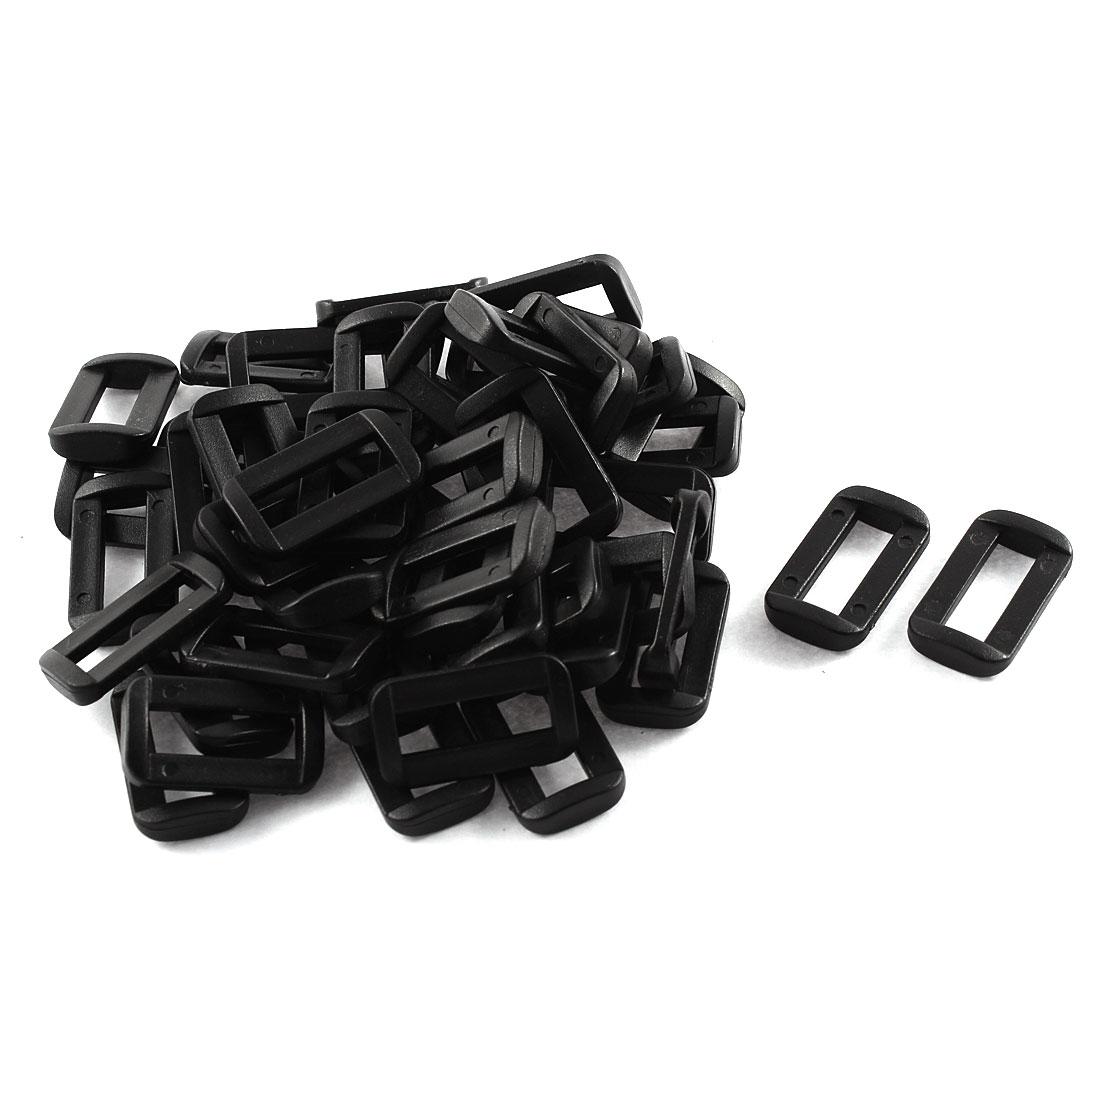 50pcs Black Plastic Bar Slides Buckles for 20mm Webbing Strap